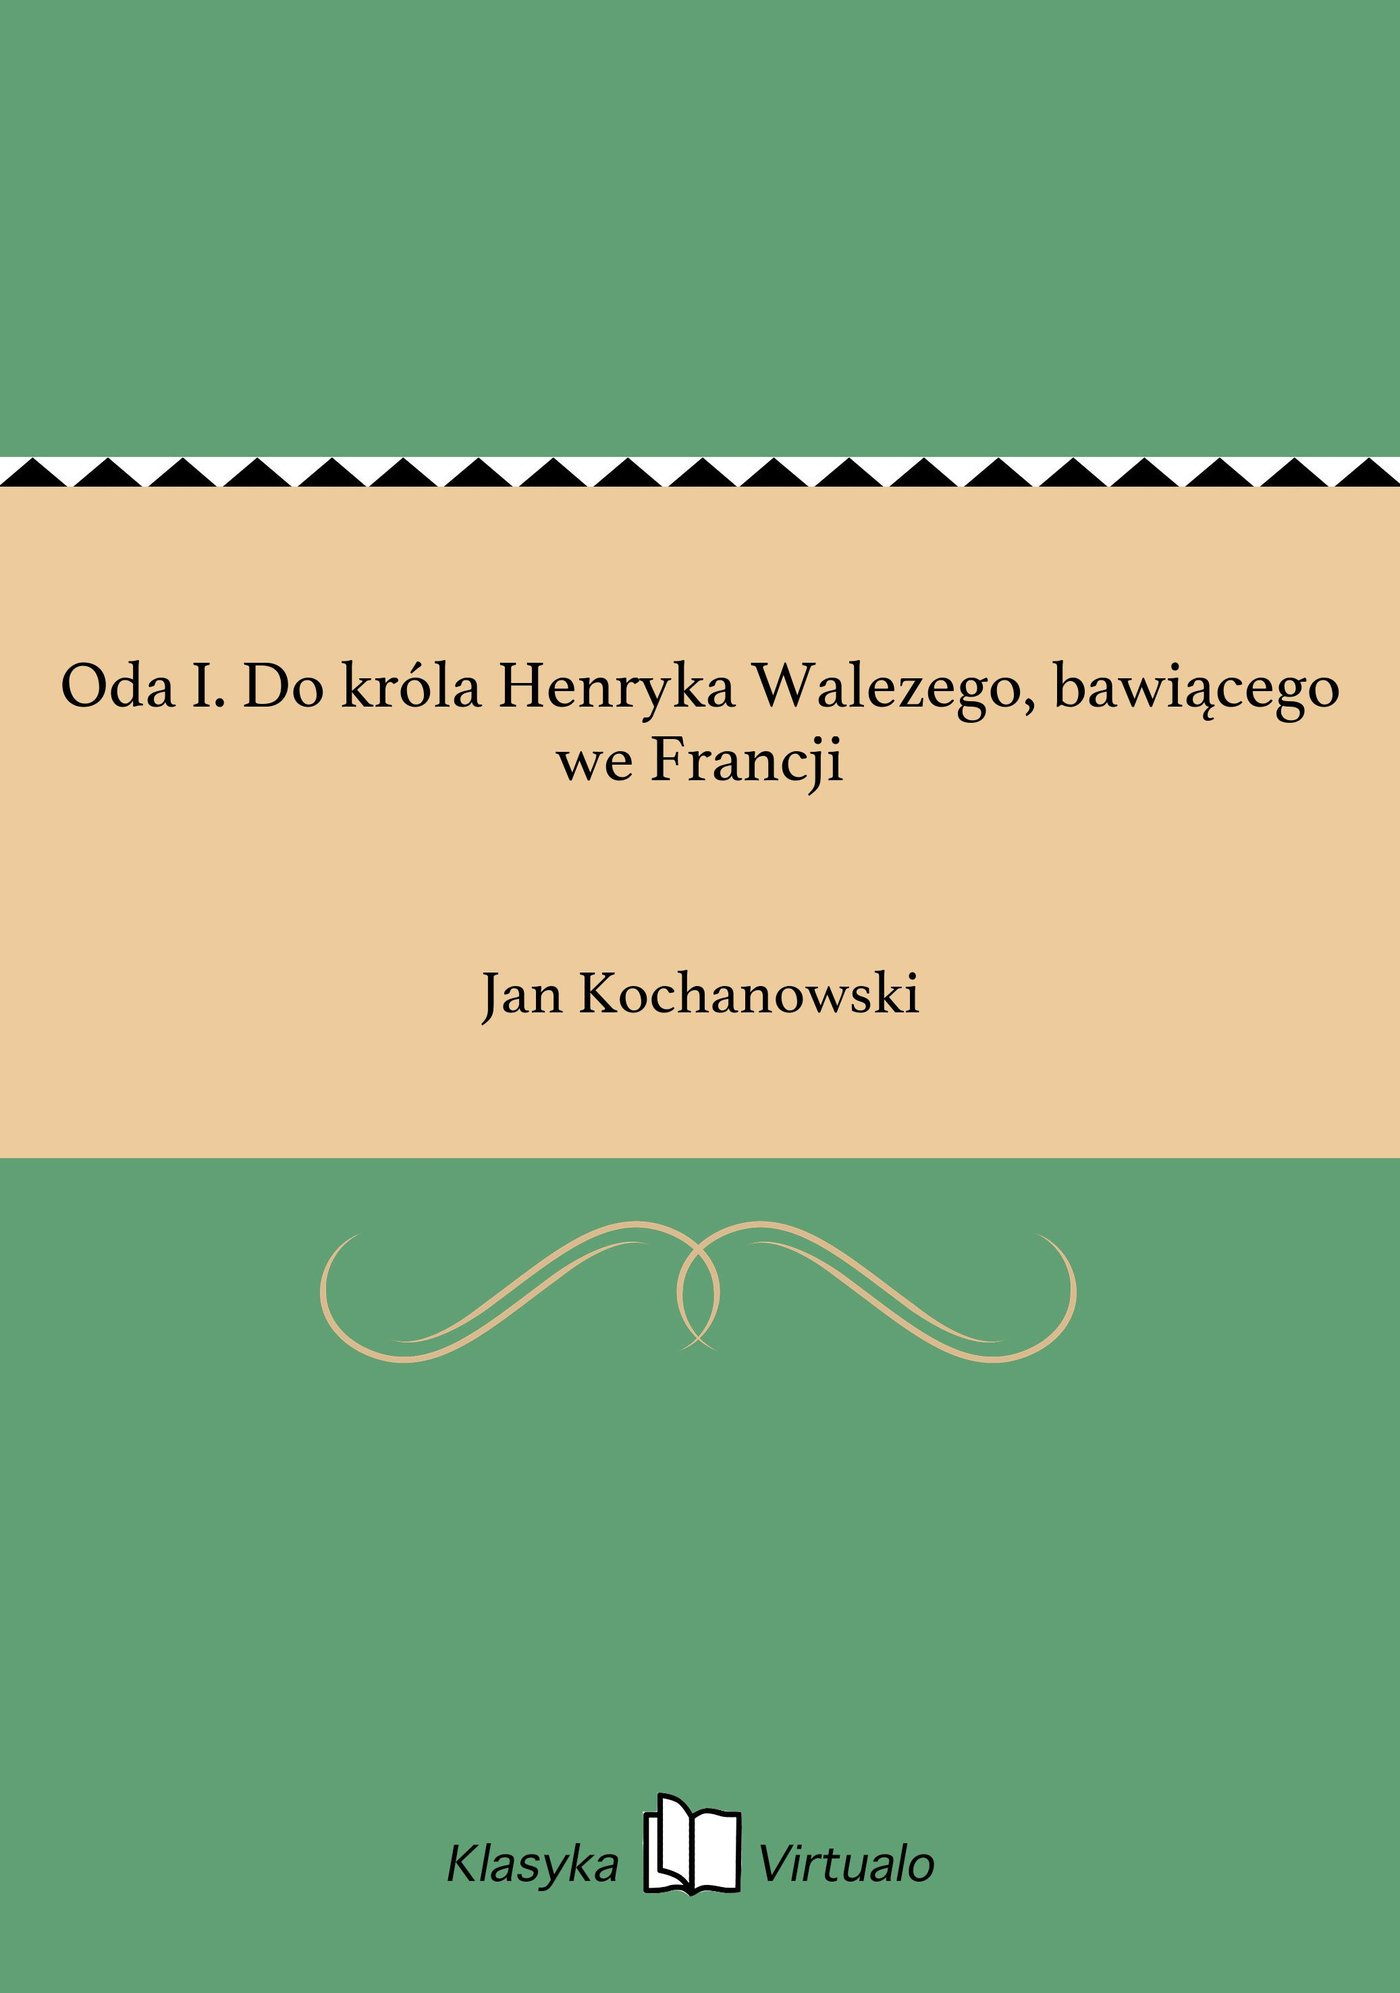 Oda I. Do króla Henryka Walezego, bawiącego we Francji - Ebook (Książka EPUB) do pobrania w formacie EPUB